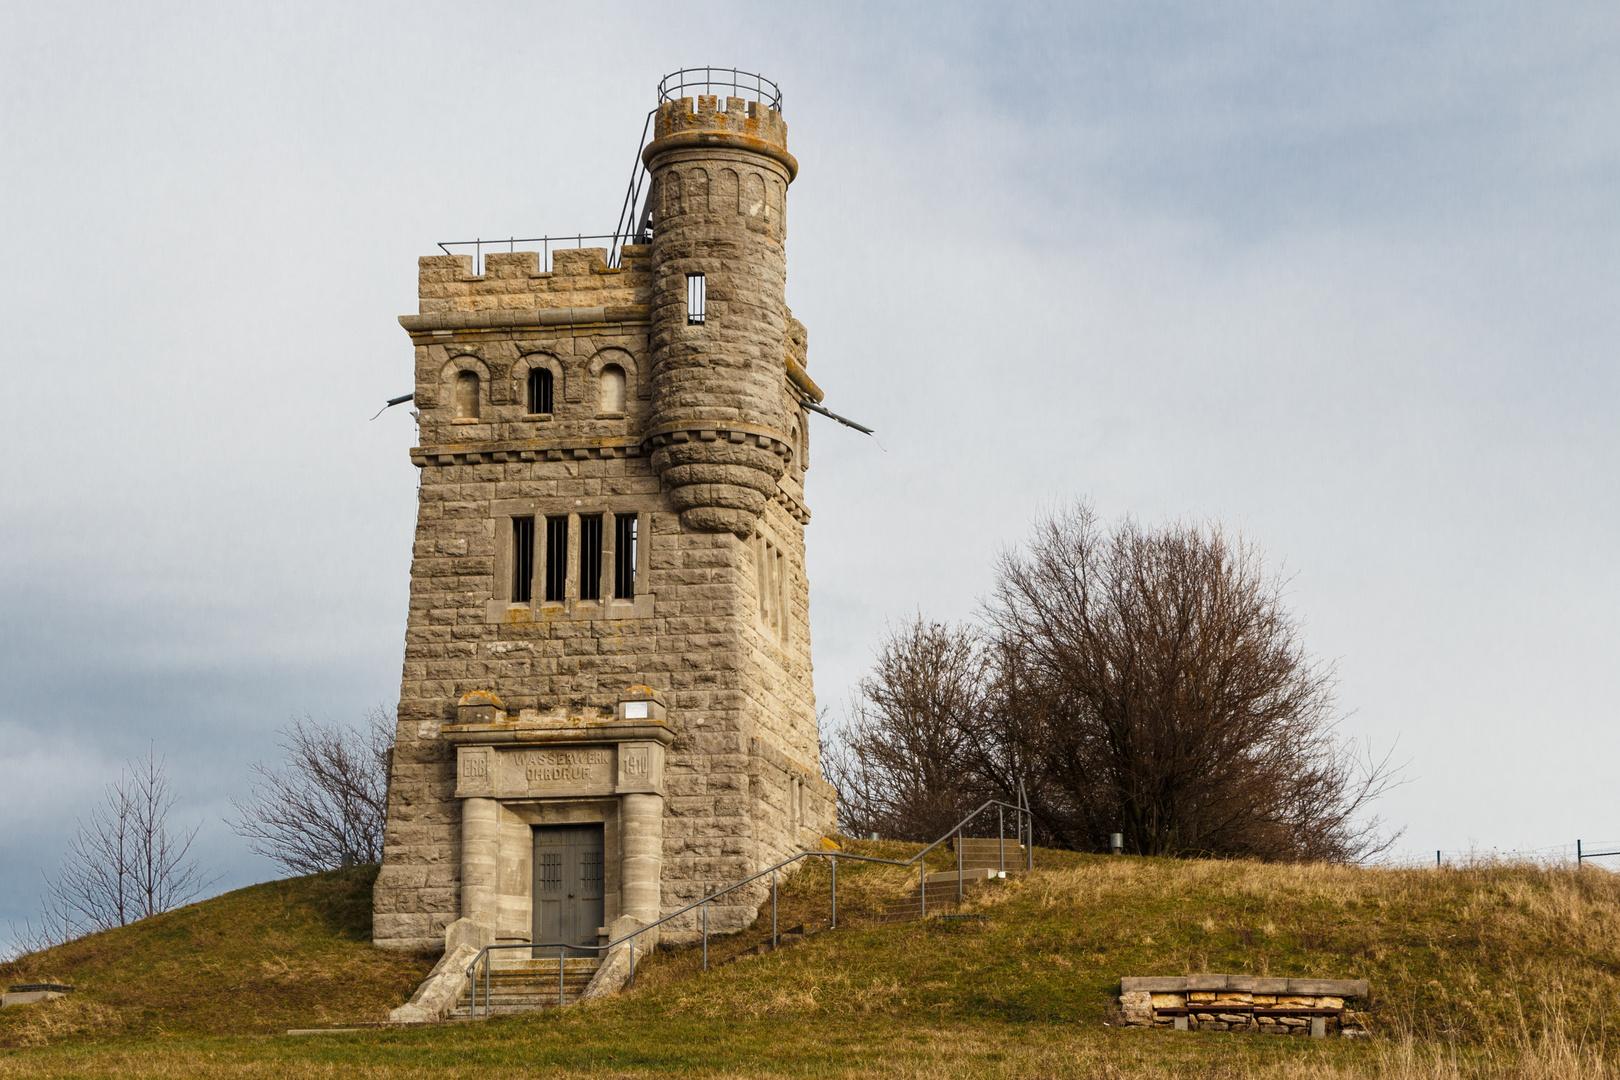 Der Wasserturm auf dem Goldberg in Ohrdruf